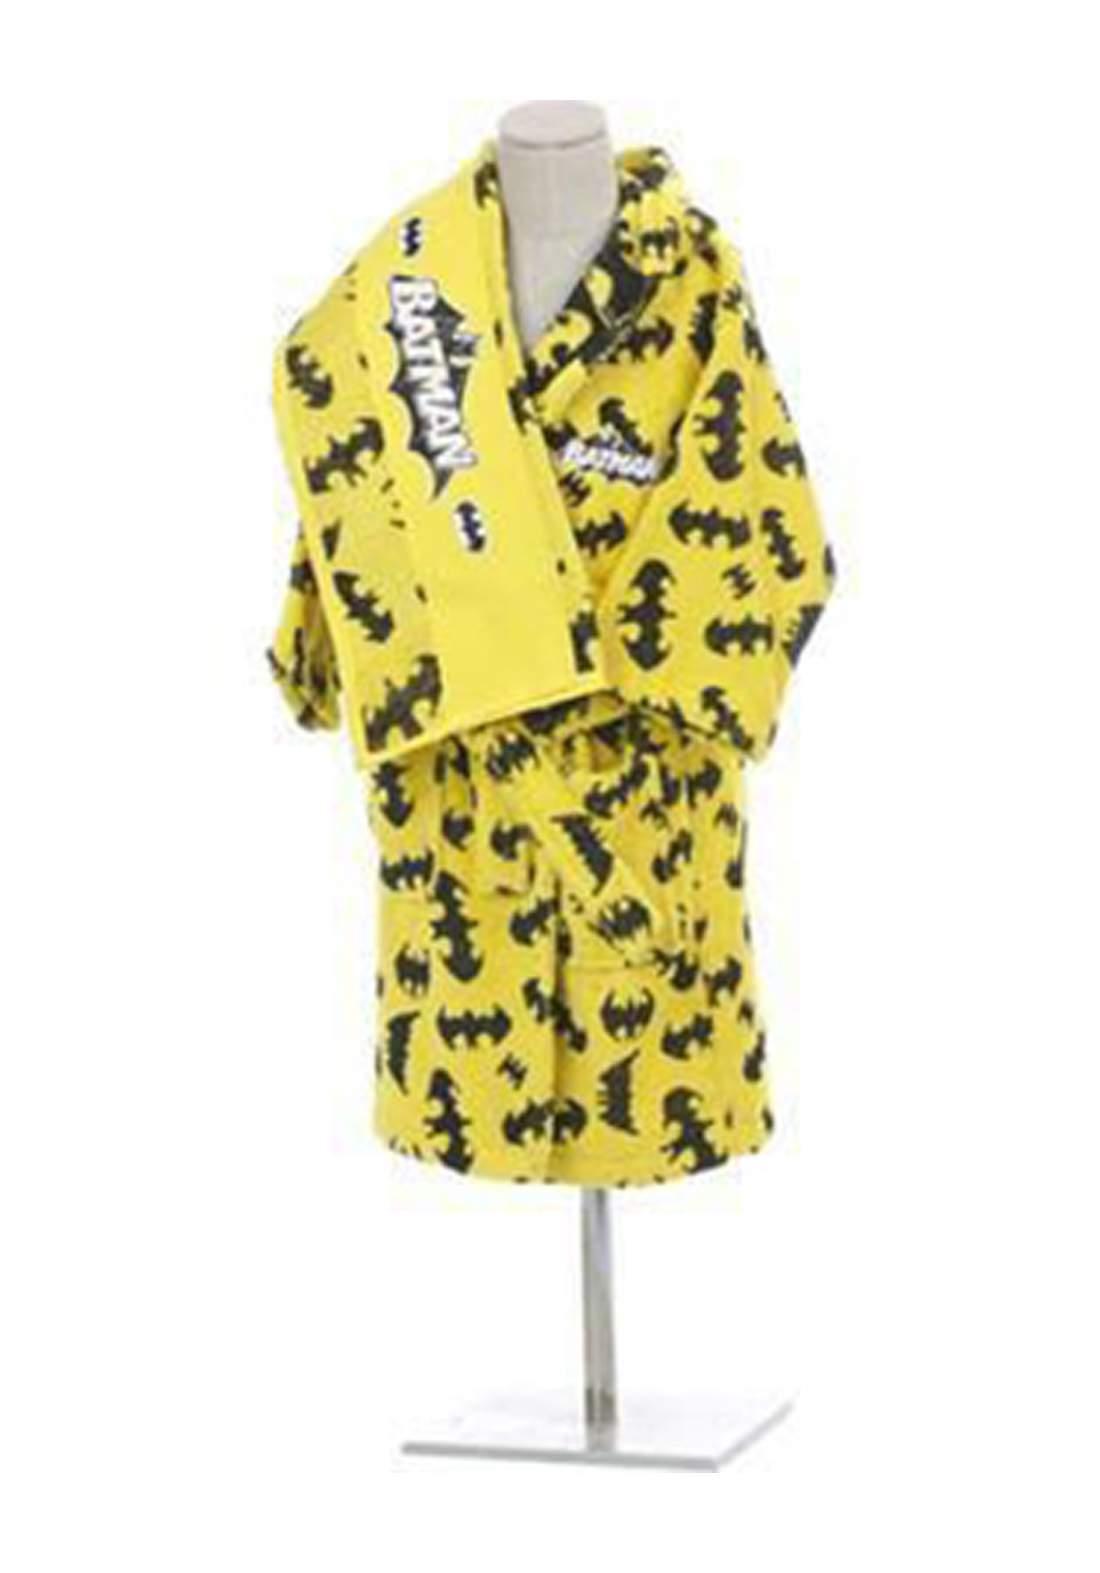 سيت استحمام للاطفال ولادي اصفر اللون من ozdlik